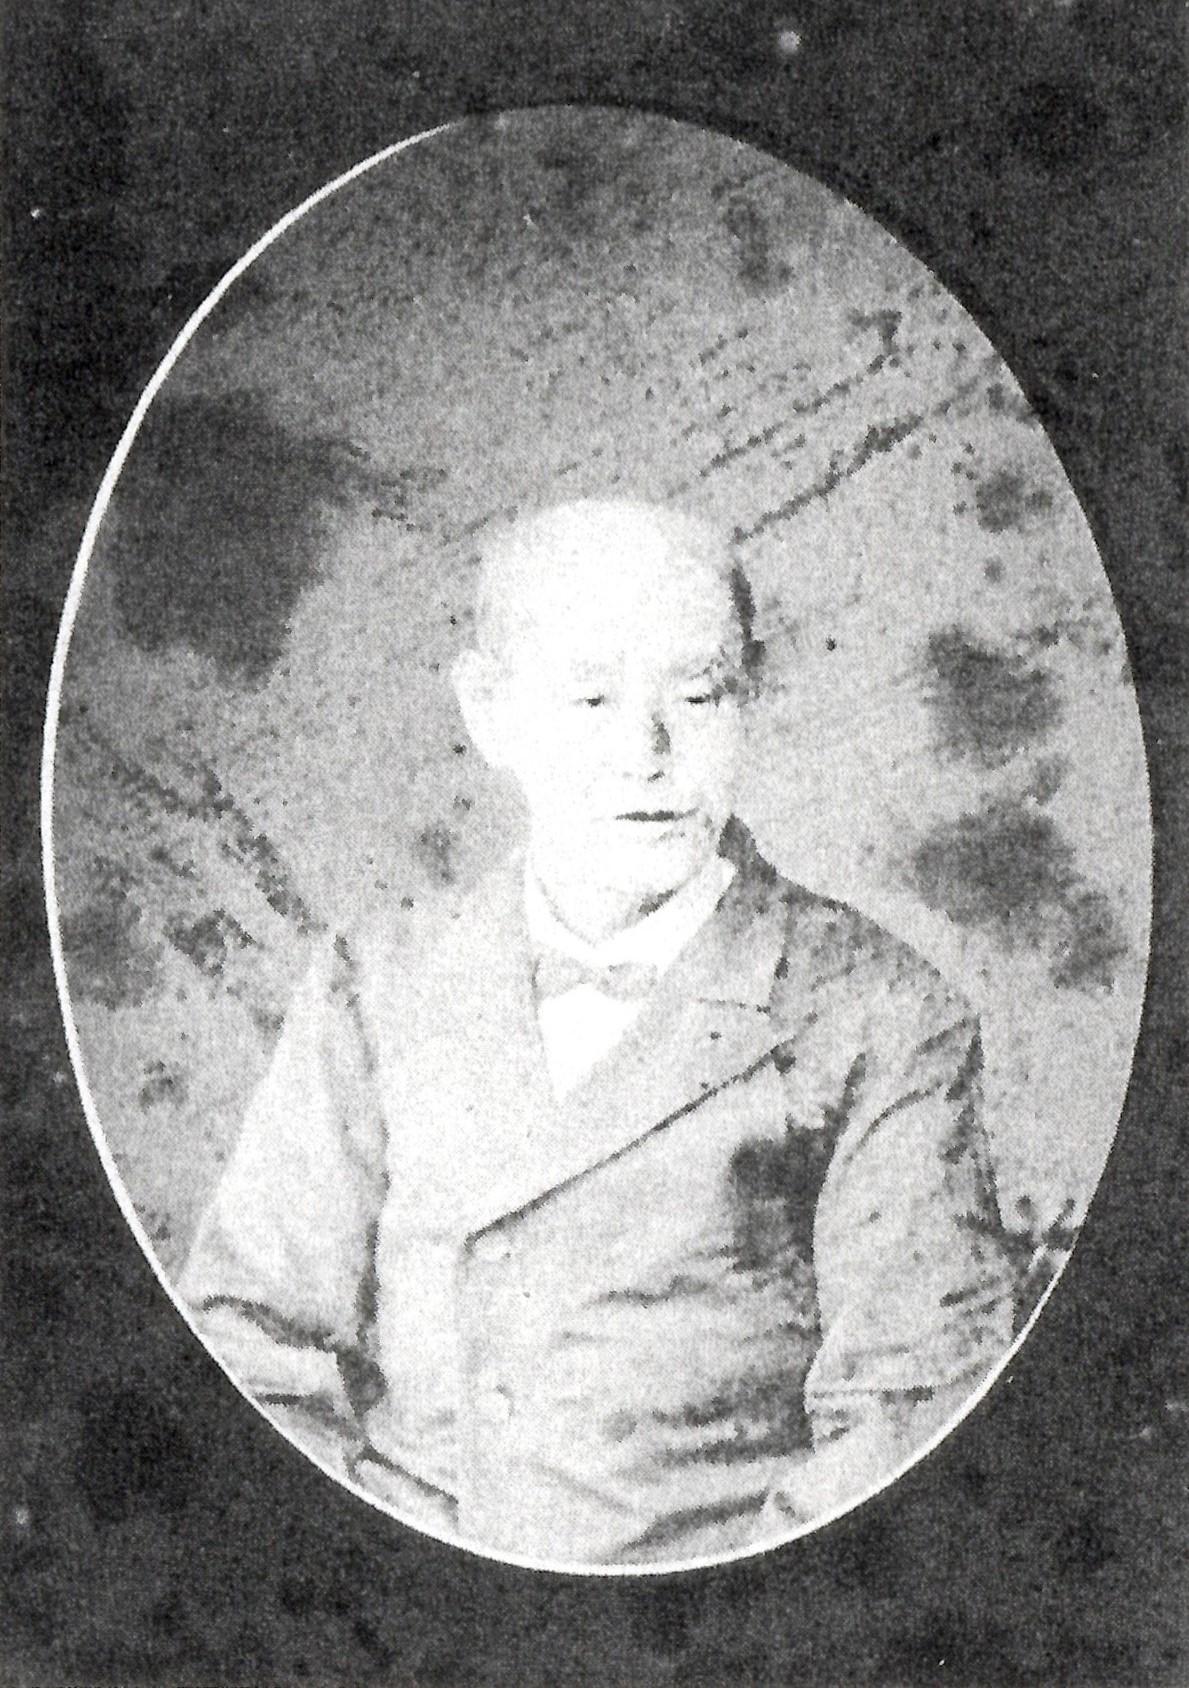 藤堂高猷 - Wikipedia